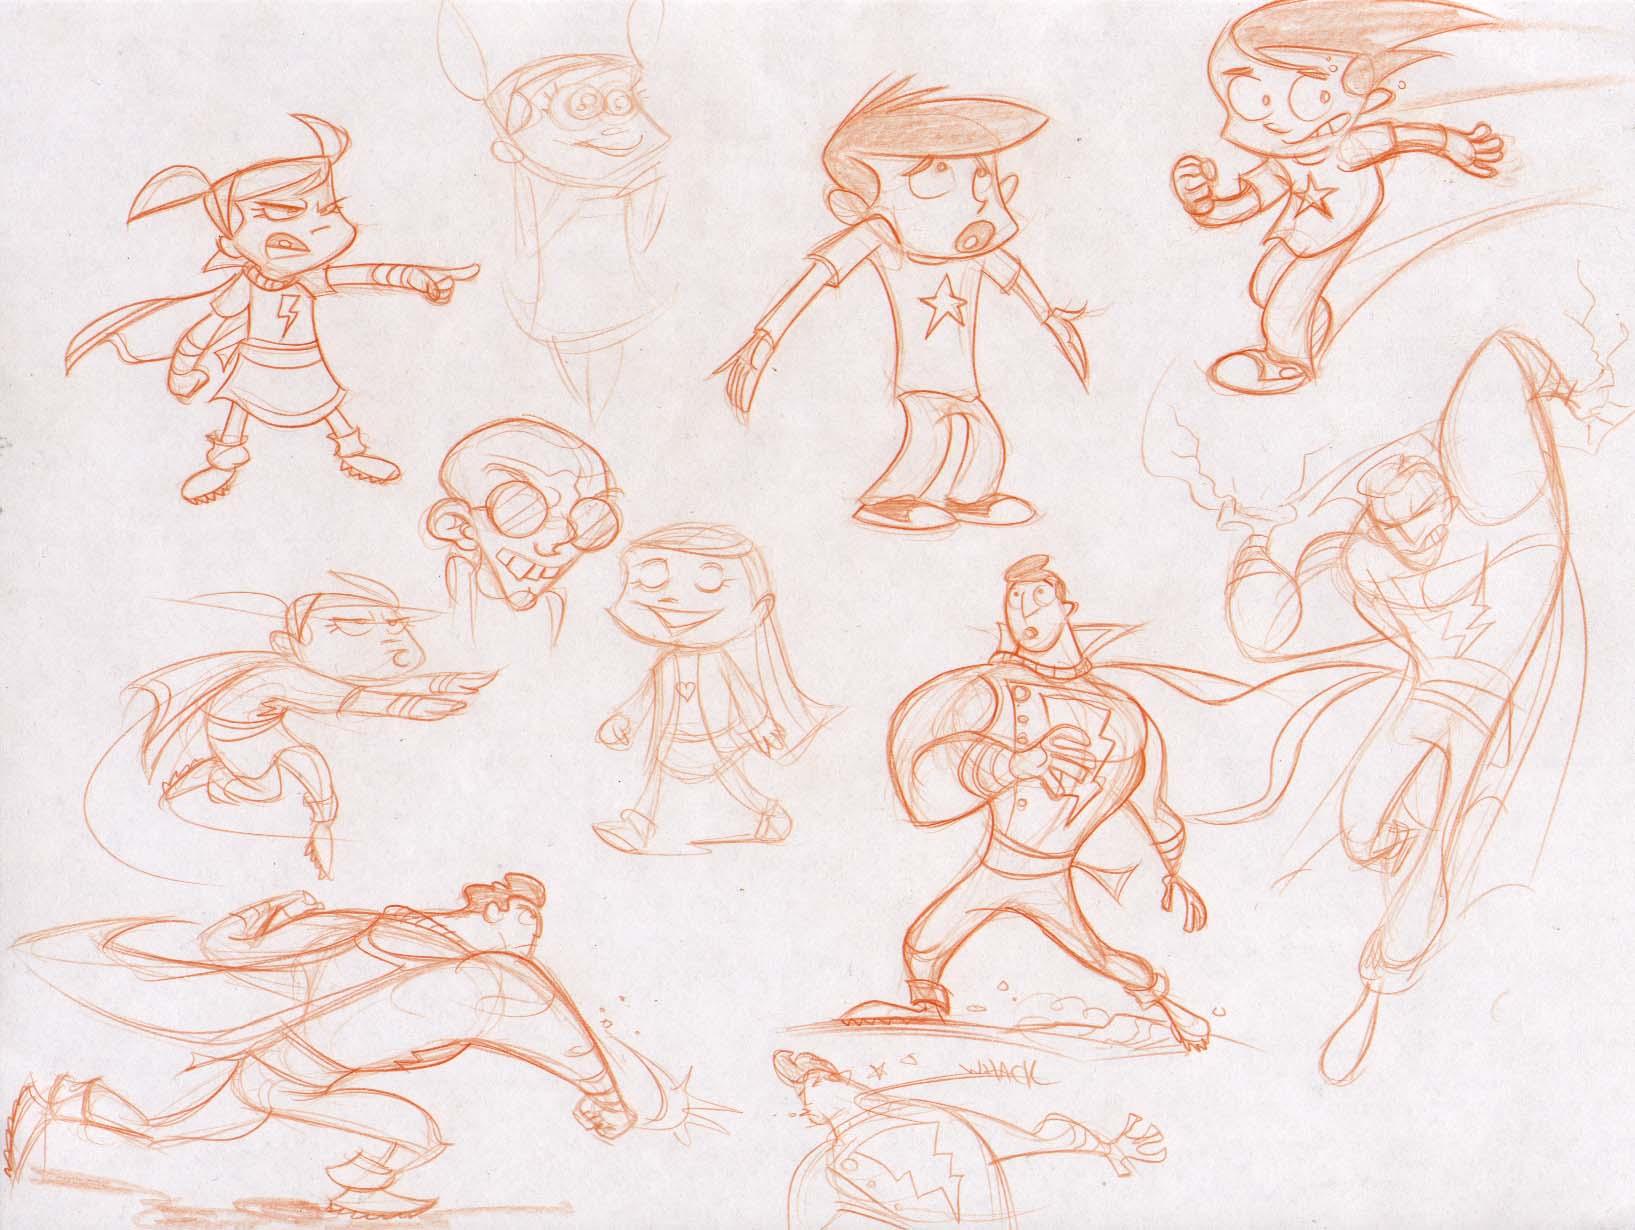 Shazam doodles 2 by dfridolfs